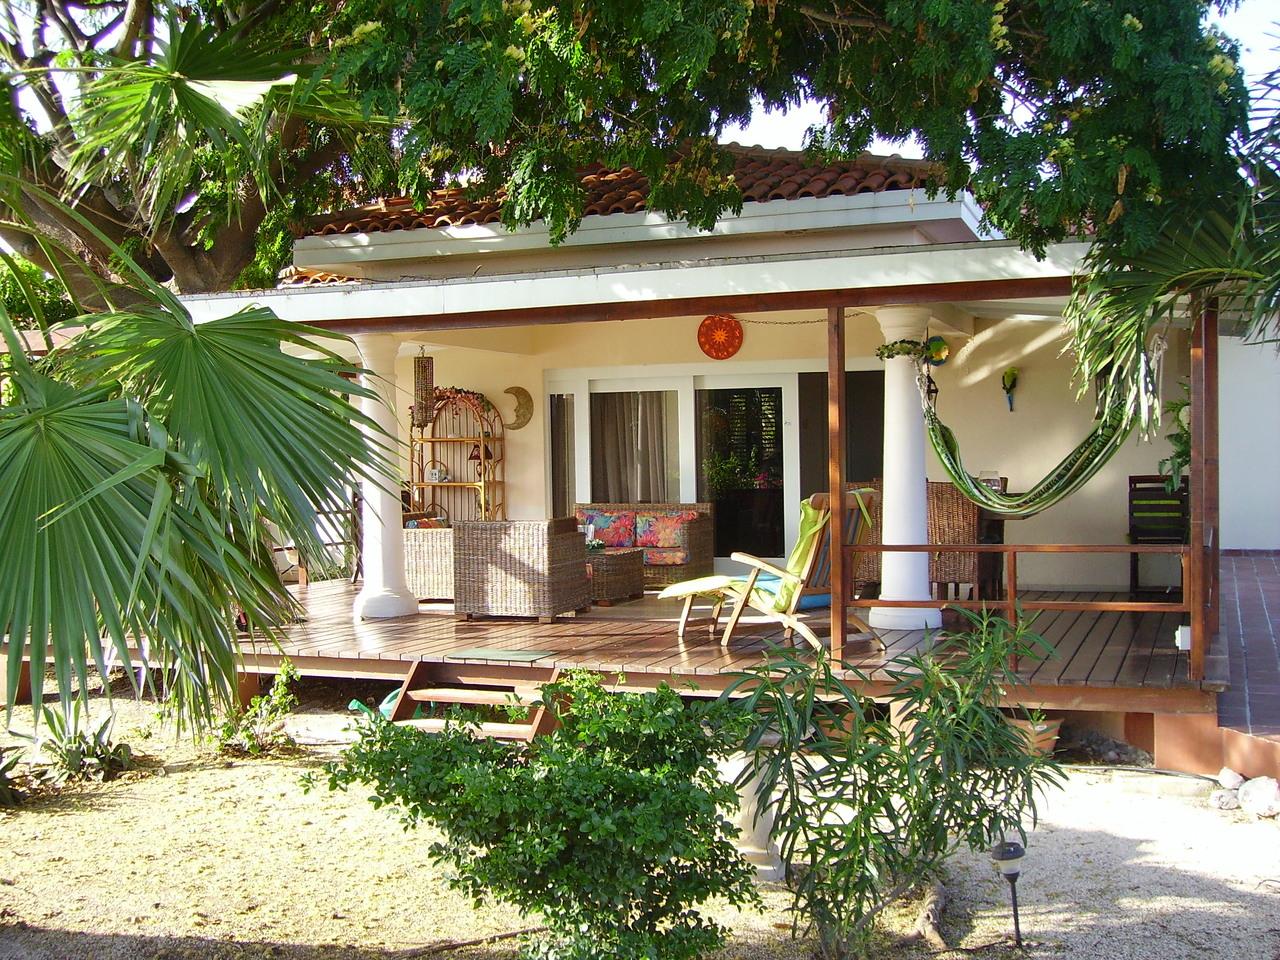 Villa luna curacao - Huis in de tuin ...